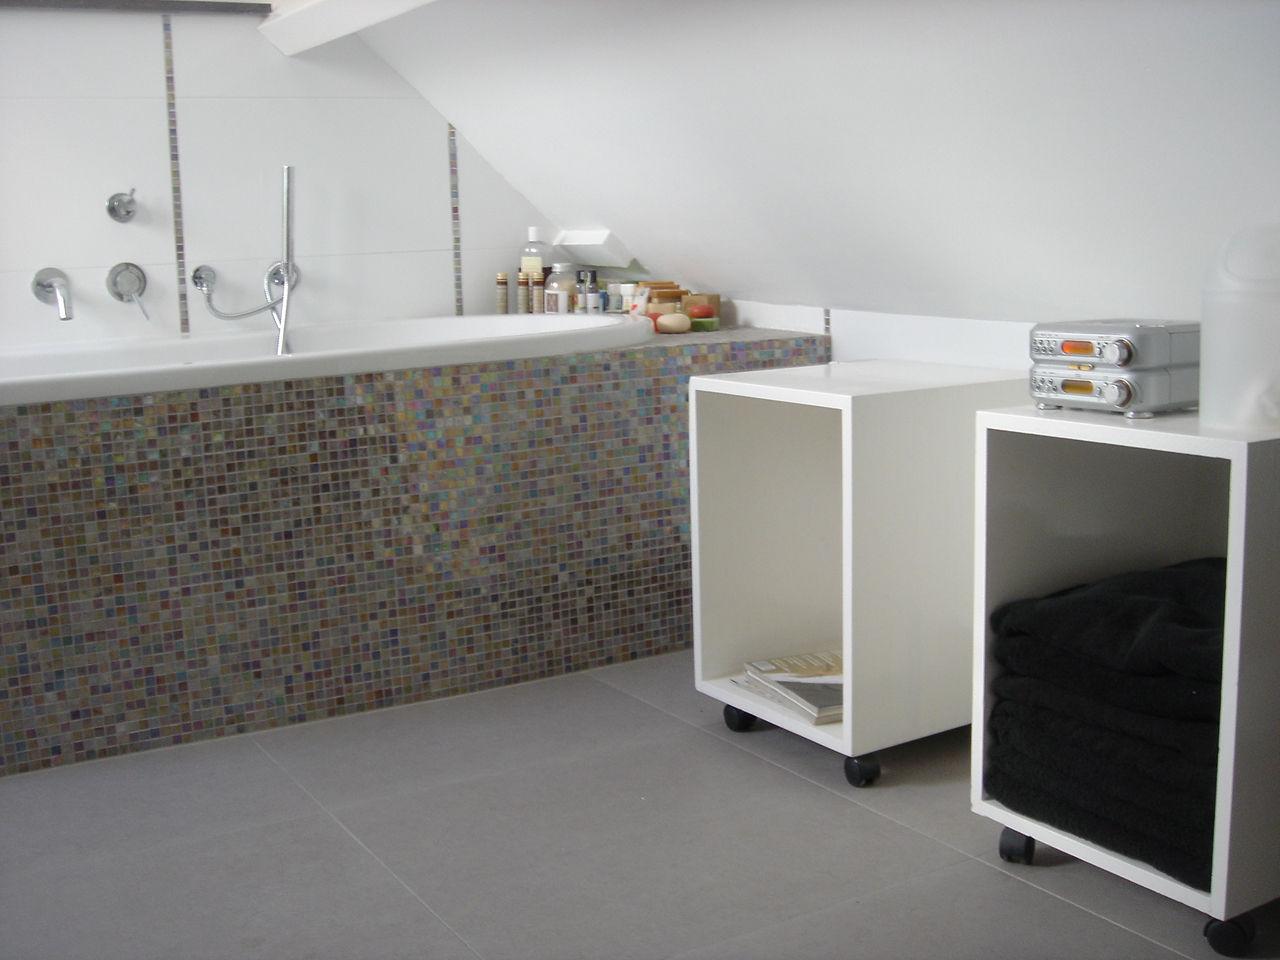 Blommestein de tegelspeciaalzaak nijmegen groesbeek natuursteen parket design aanbiedingen - Badkamer met mozaiek ...